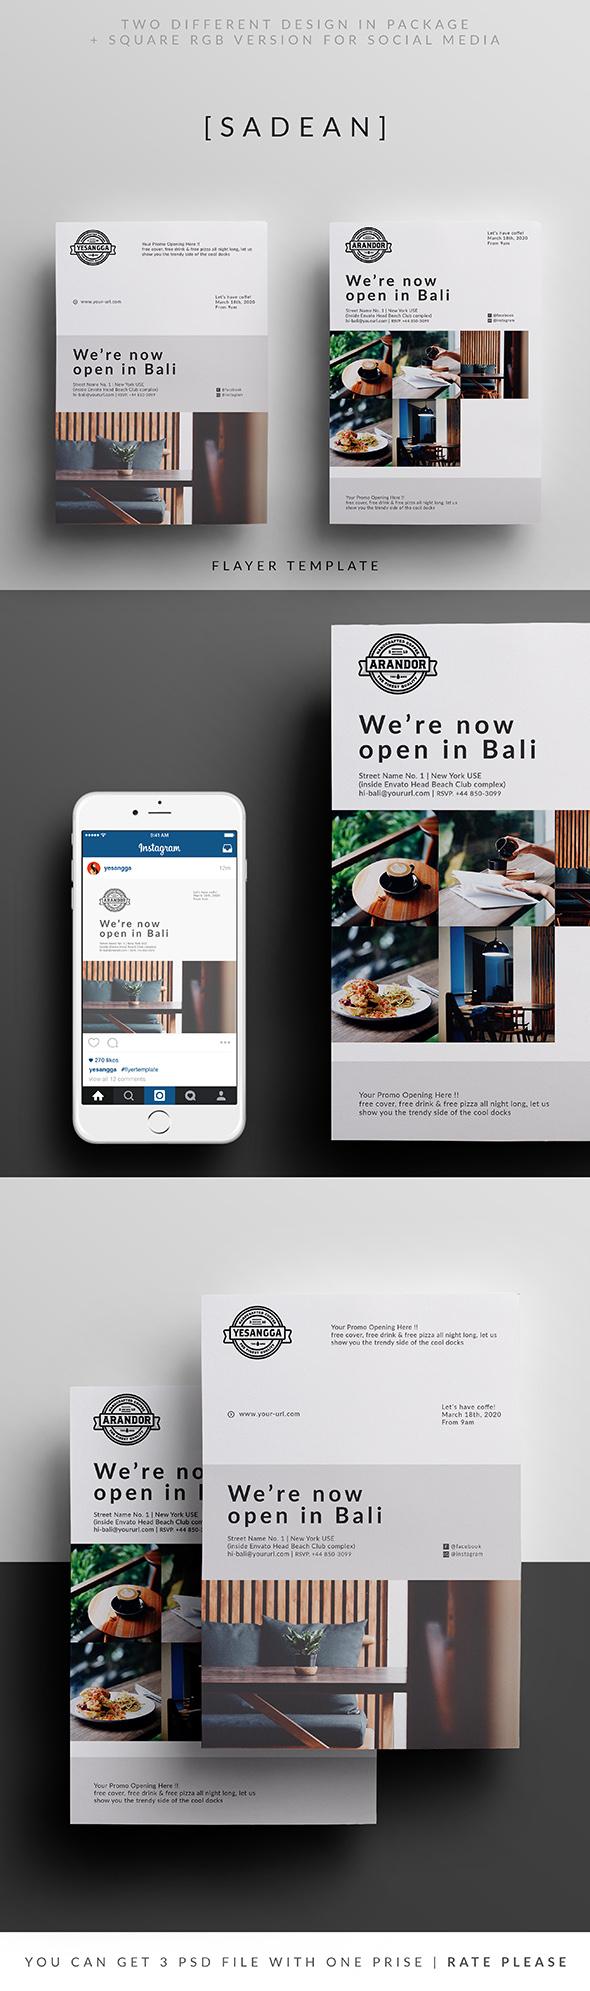 sadean restaurant opening flyer template on behance